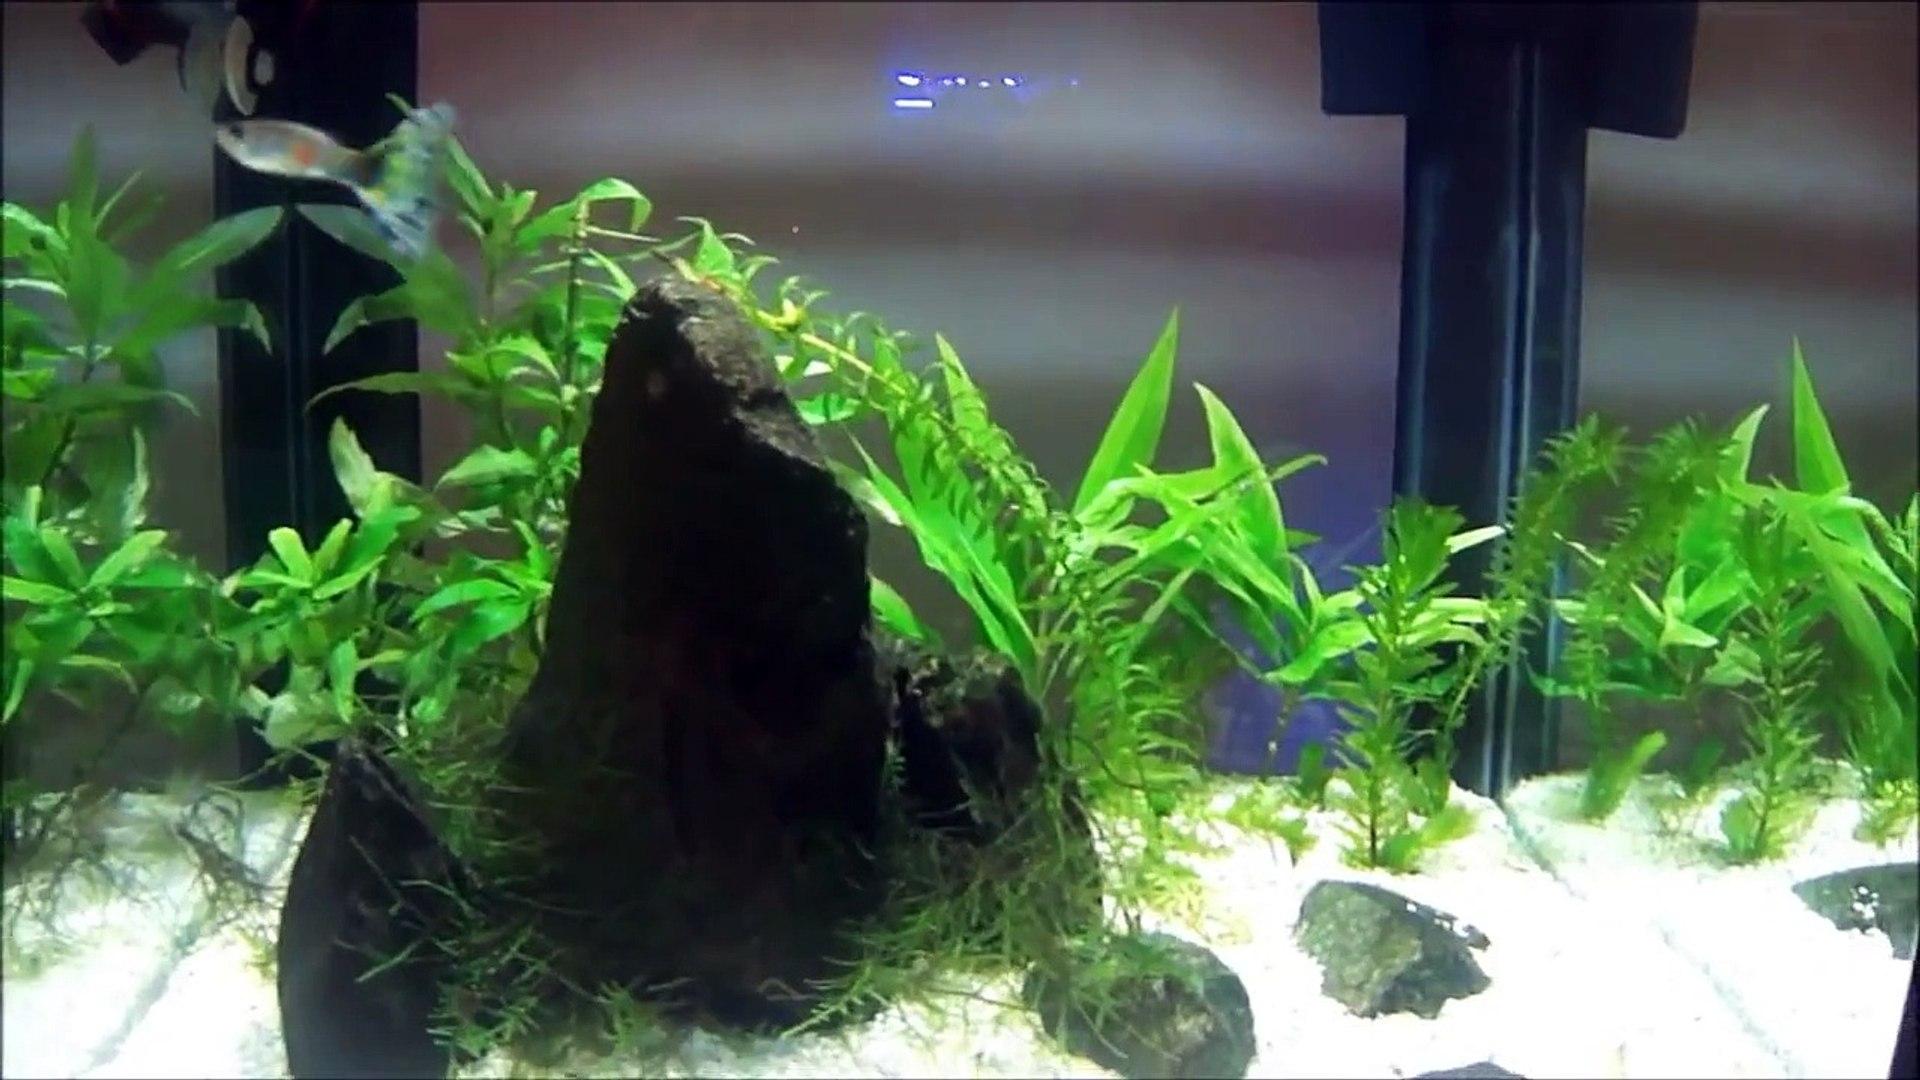 Aquarismo Pzu - Aquário de Guppy - Guppy Aquarium